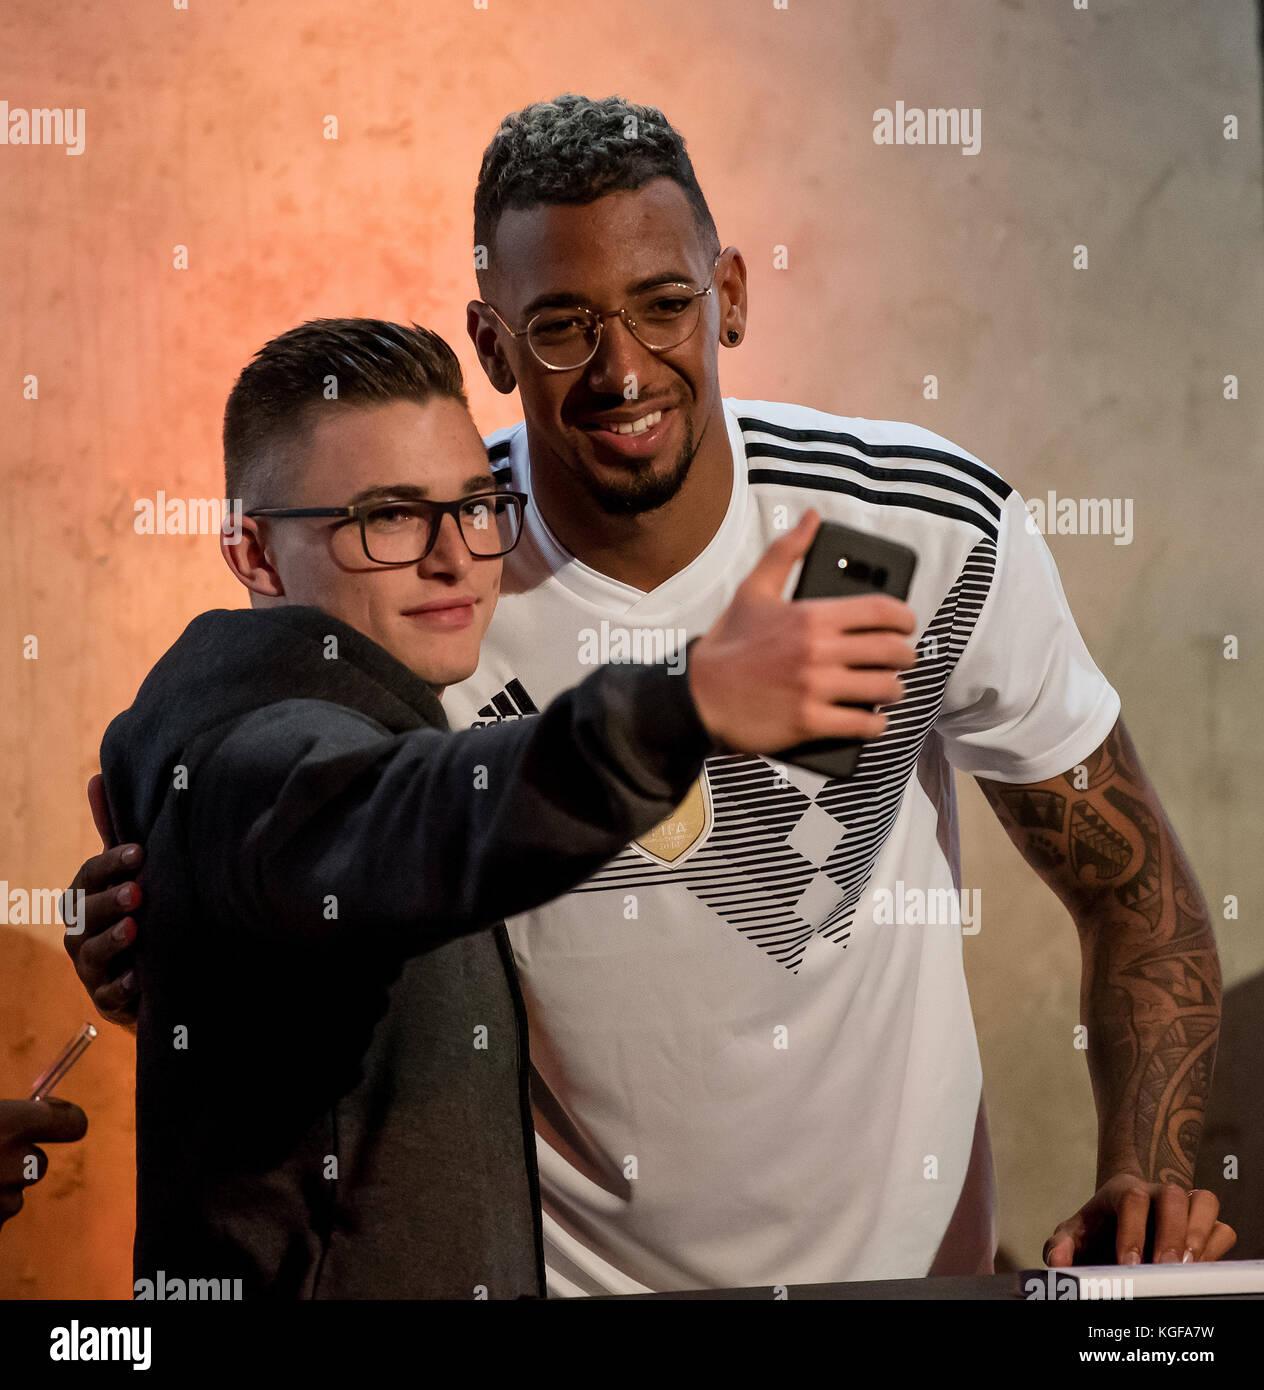 Jerome Boateng laesst sich after der Vorstellung der neuen adidas-Trikots with einem Fan fotografieren  Am heutigen - Stock Image